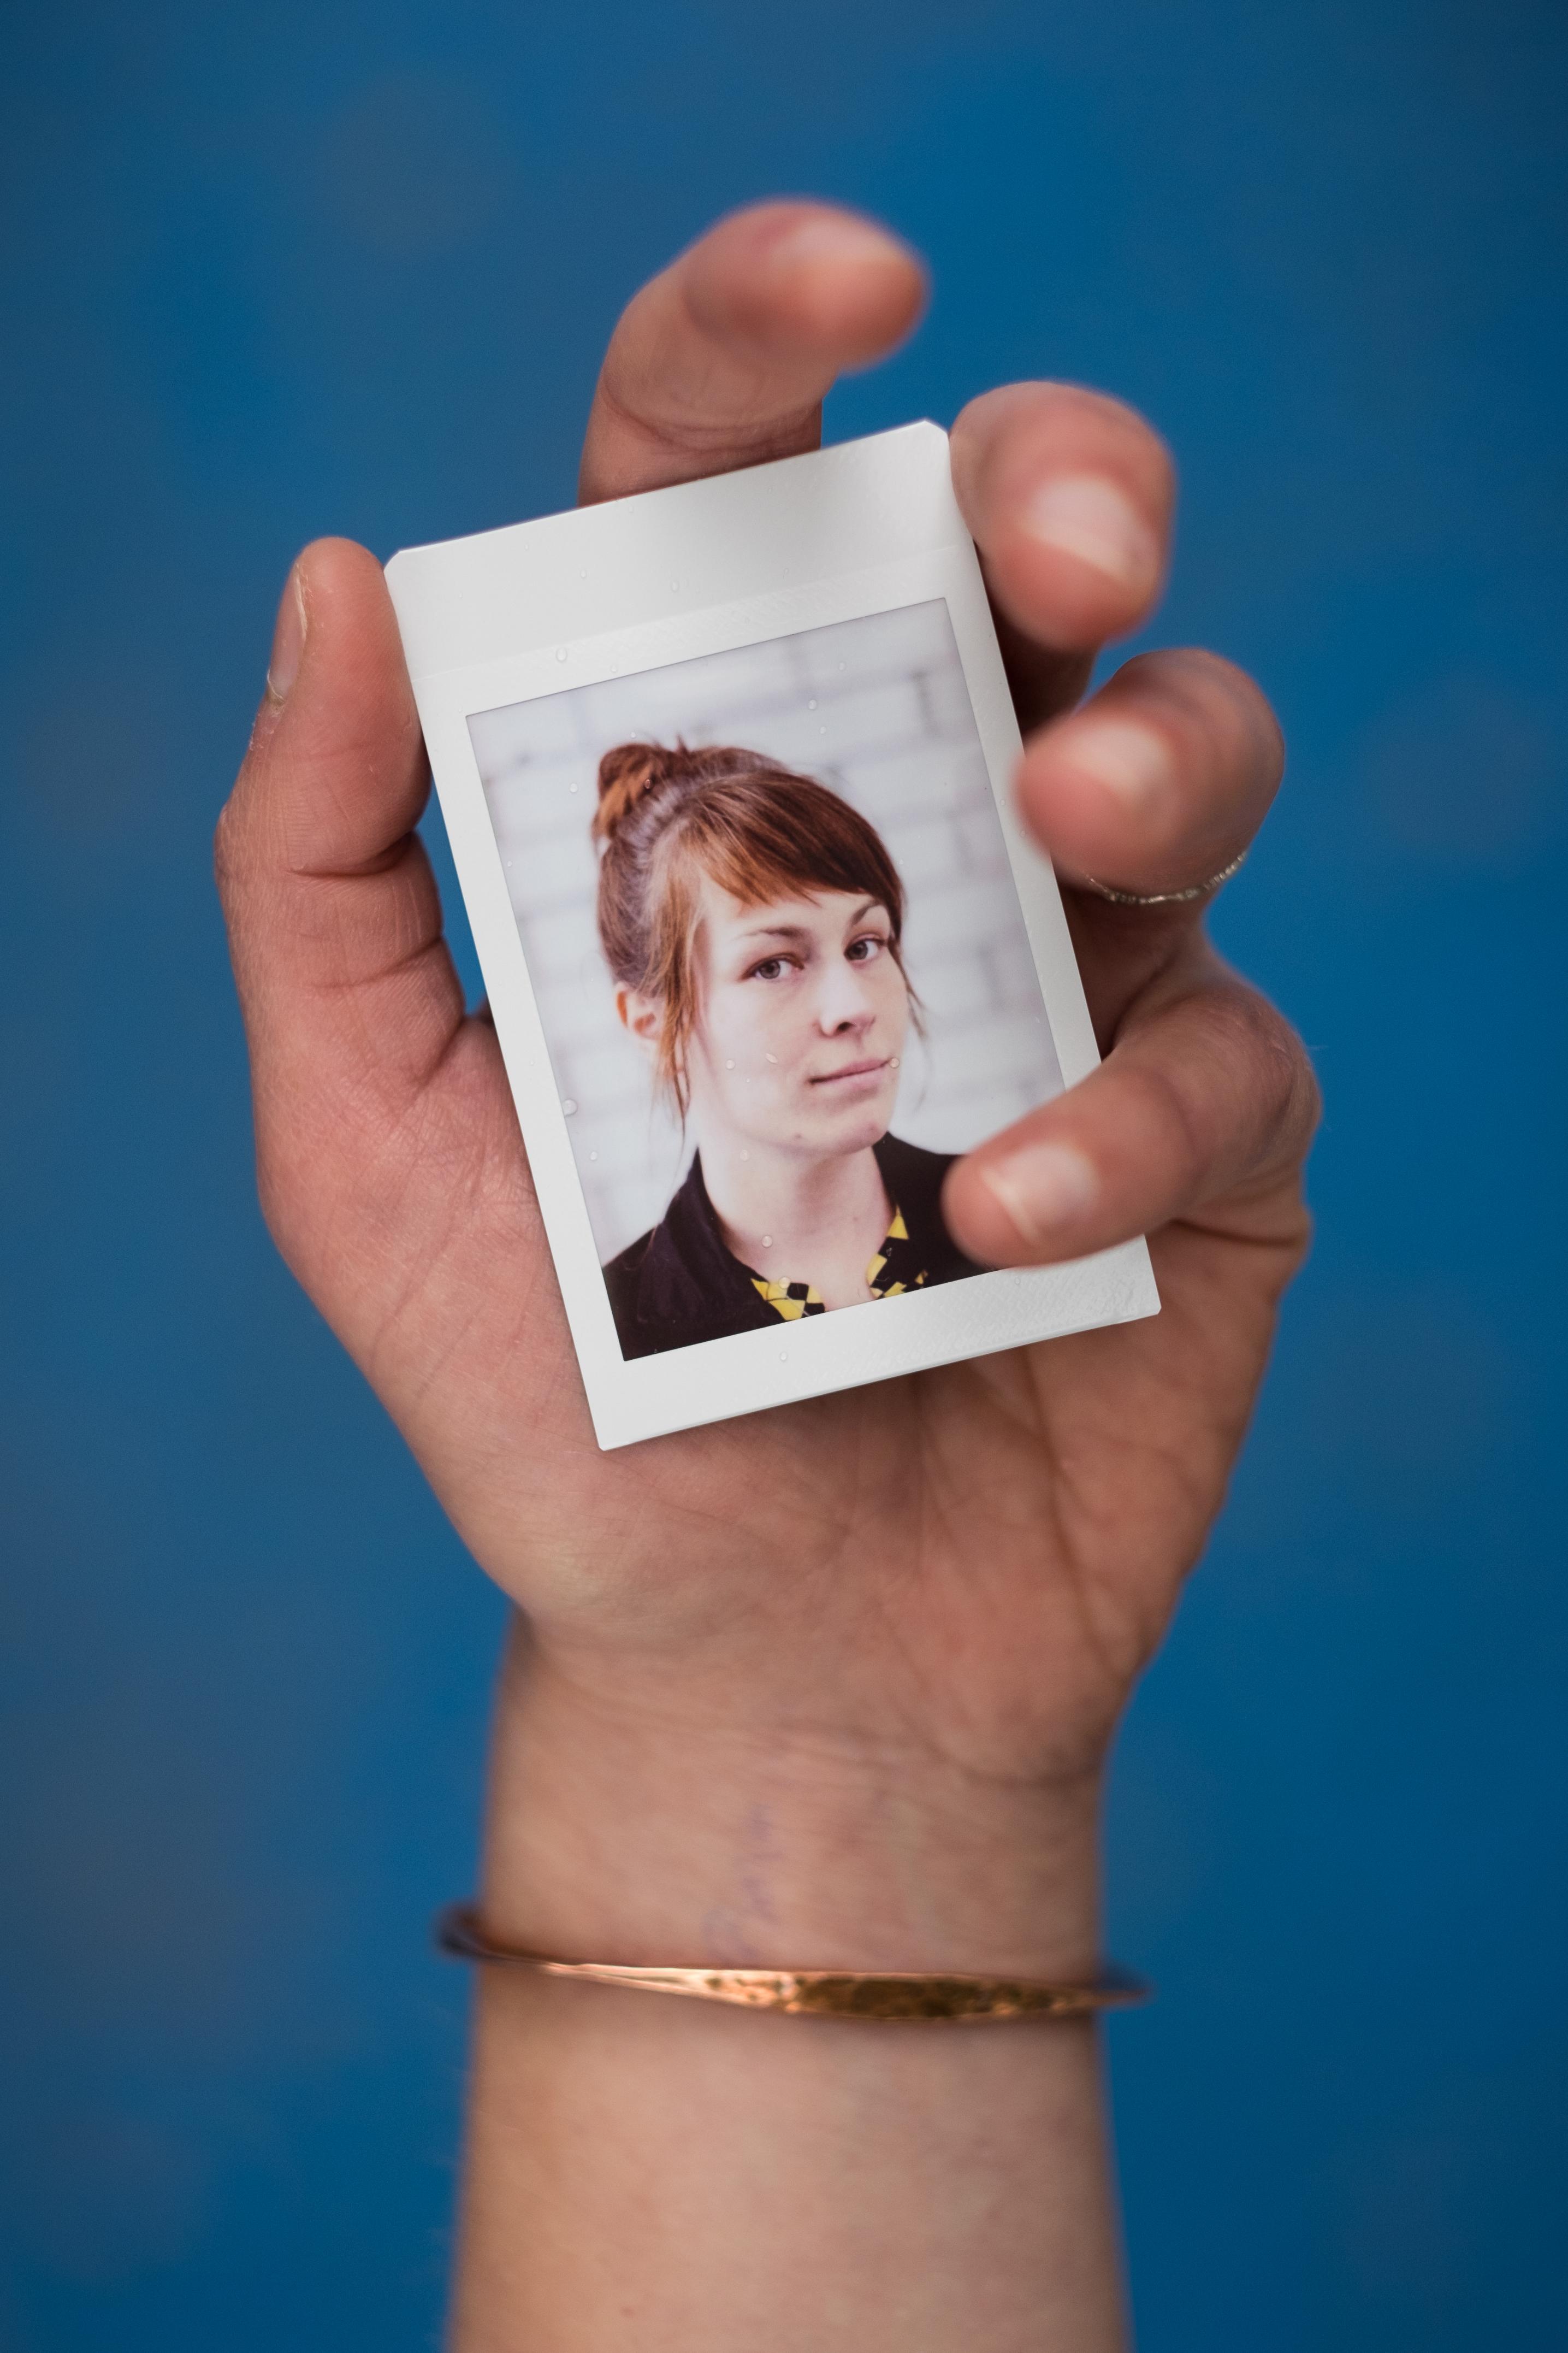 Olivier Bourget portrait dans la main-149